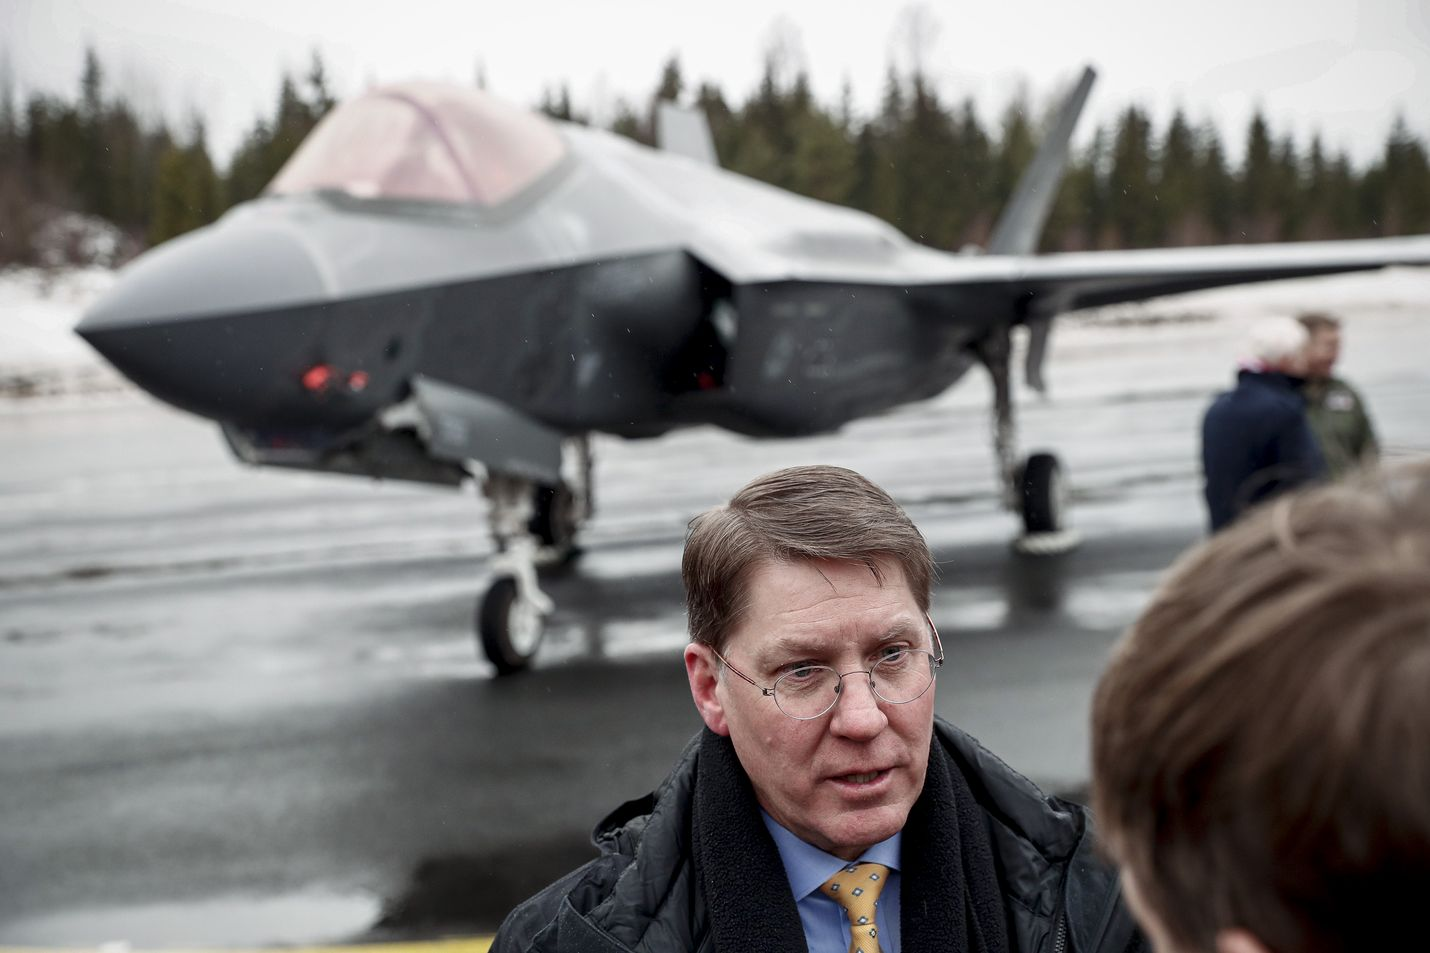 Lockheed Martinin ylläpidosta vastaava johtaja Steve Sheehy kertoo, että yhtiö tarjoaa Suomelle hävittäjien rakentamista.